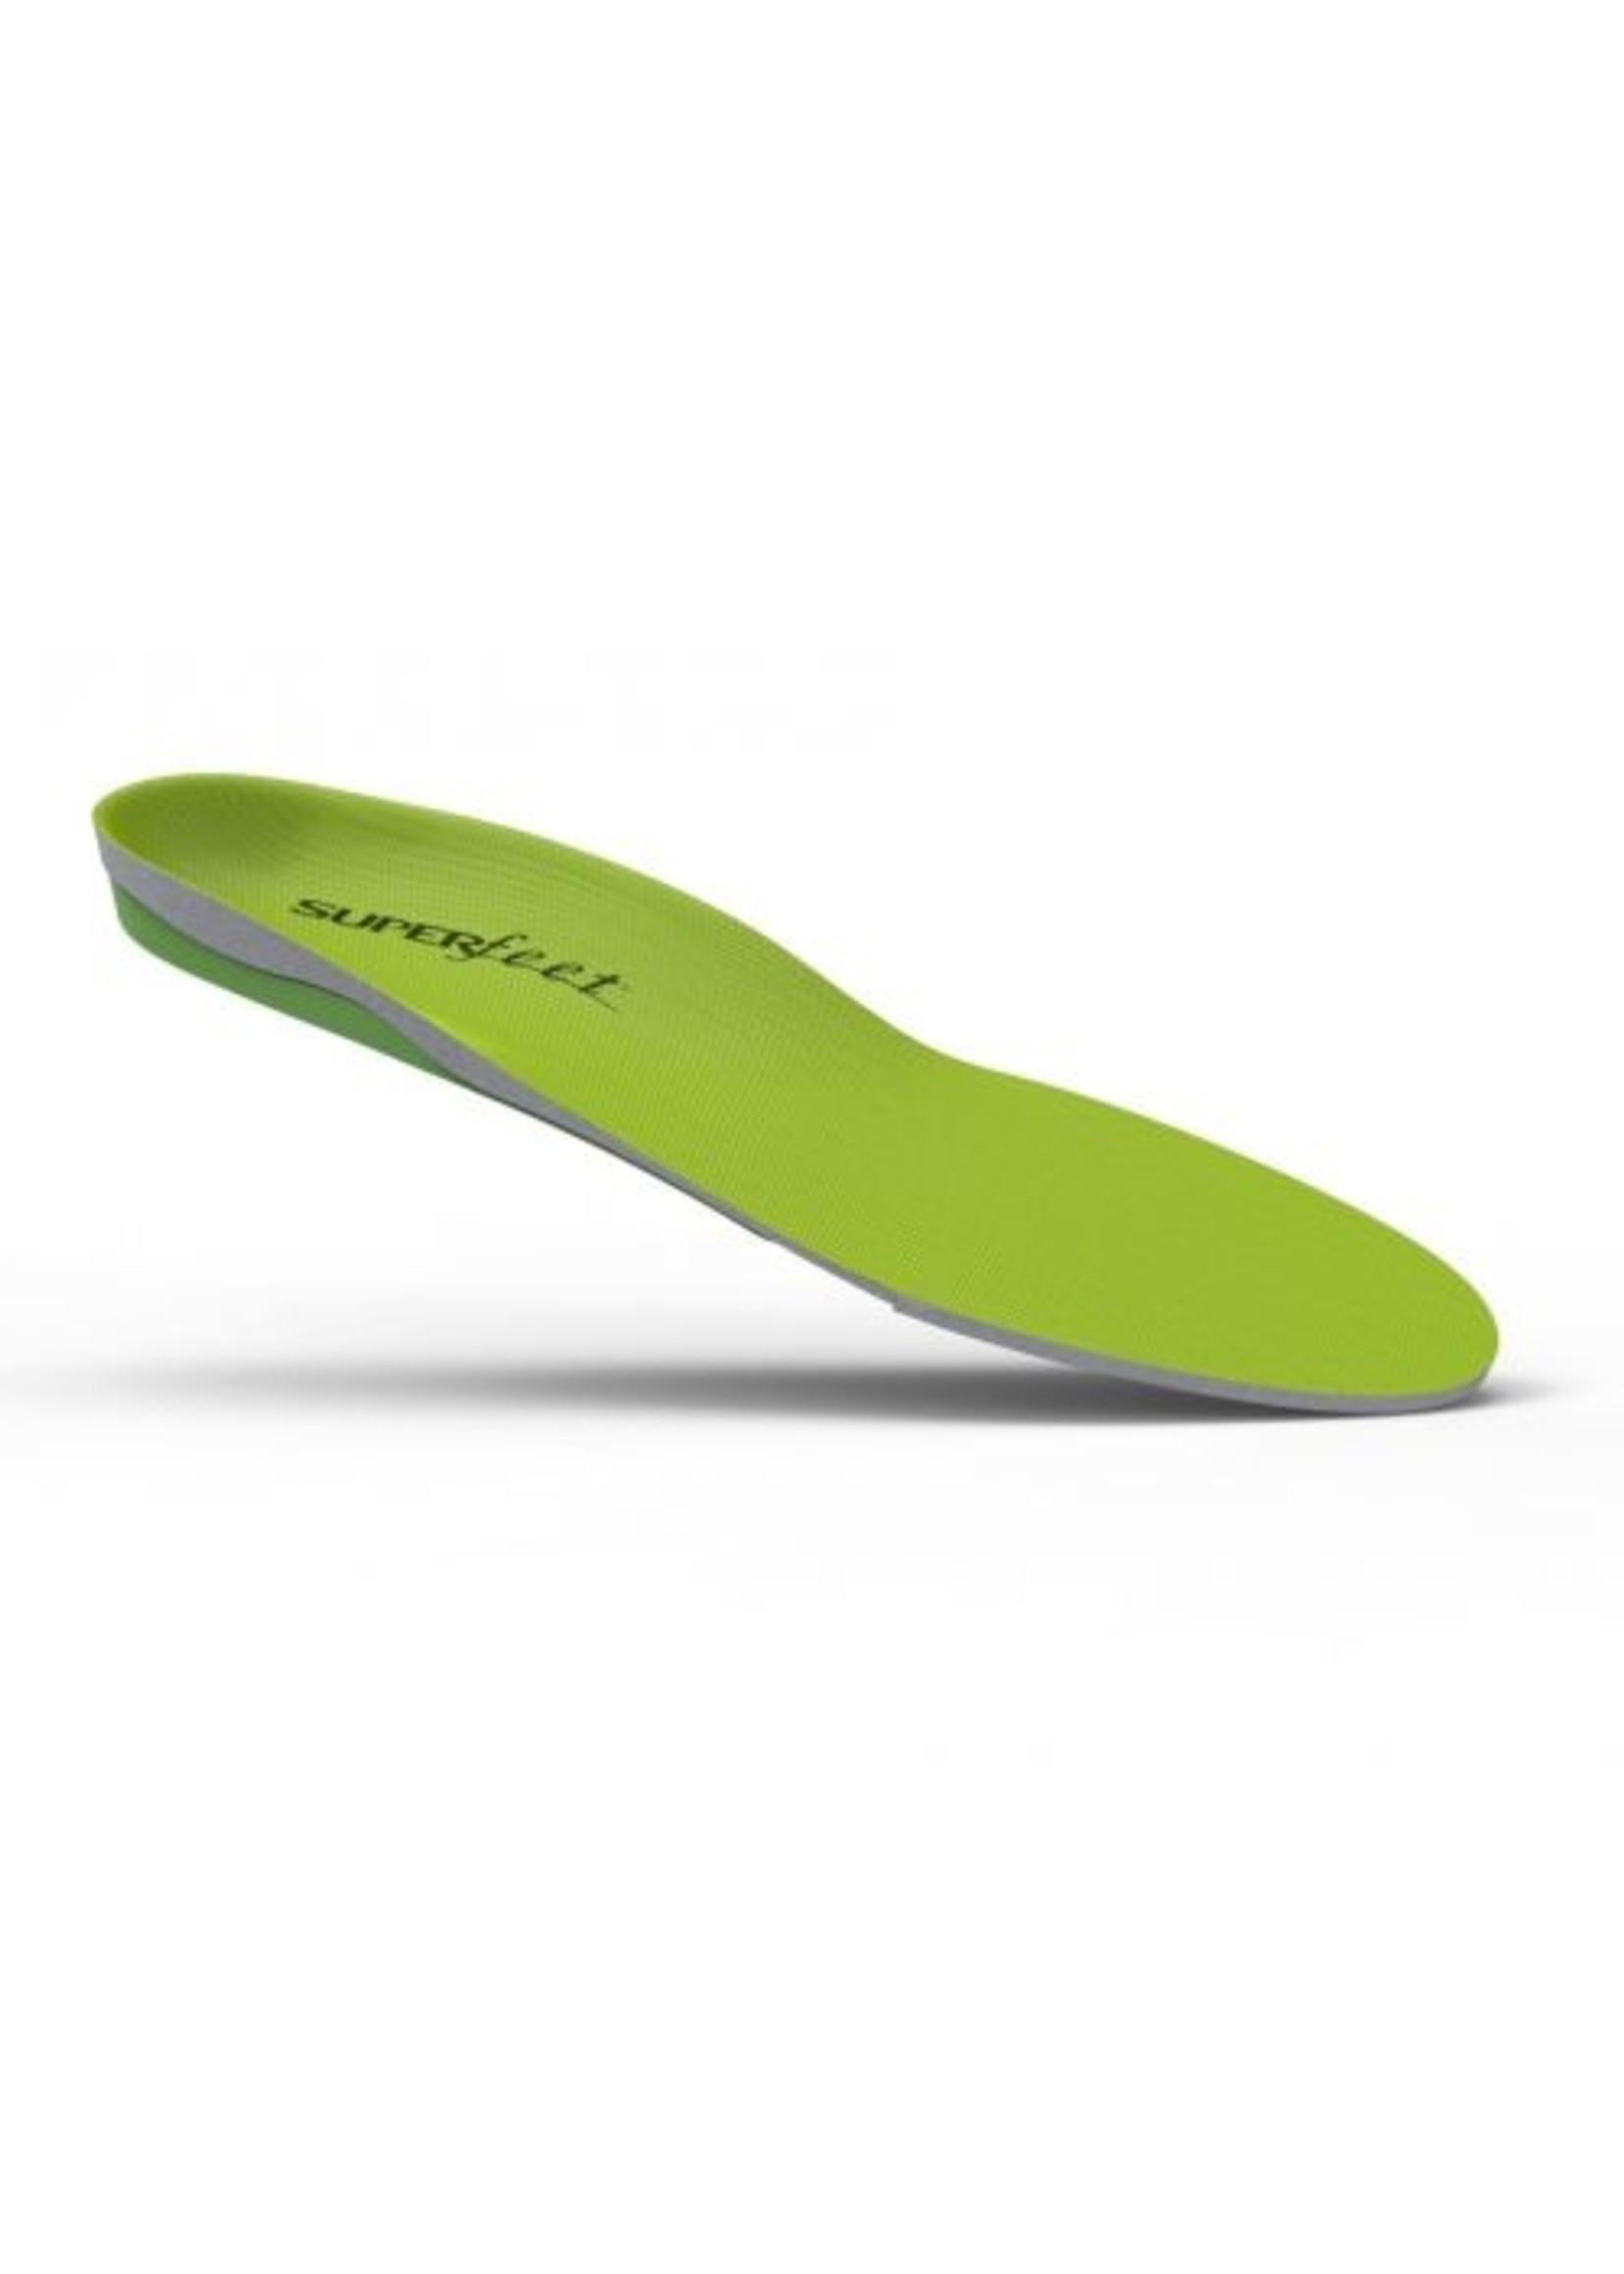 Superfeet Superfeet Green